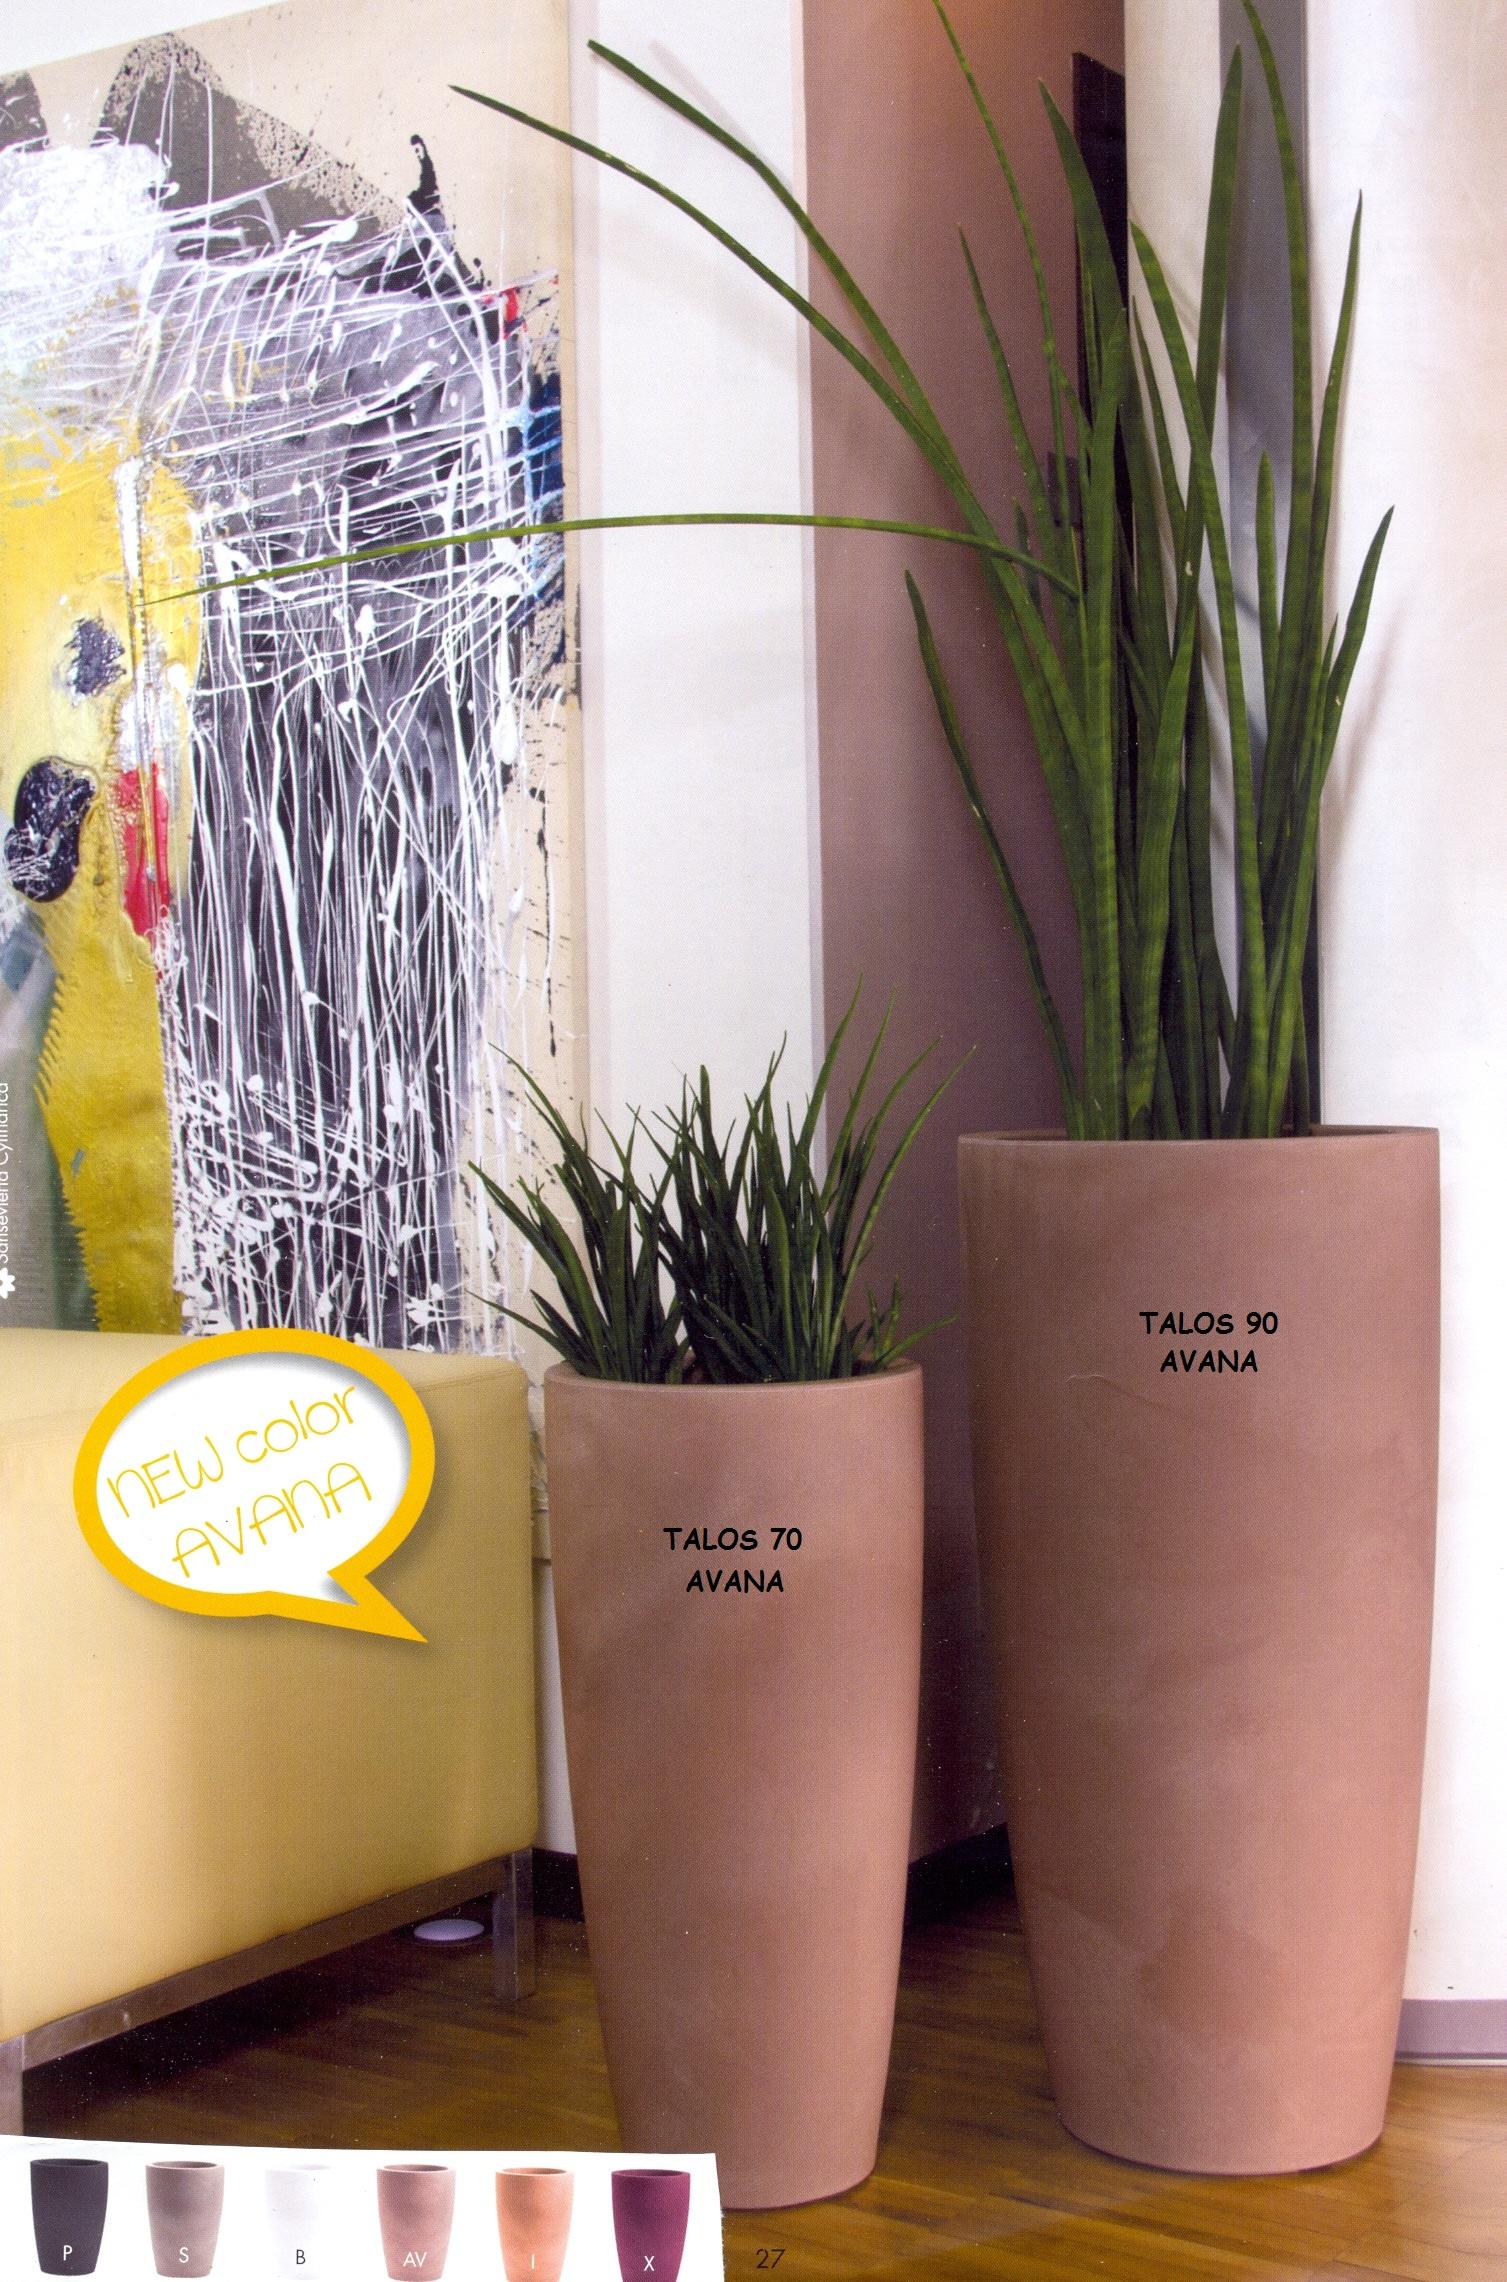 Nicoli vaso talos h90 vasi resina vaso arredamento for Vasi per terrazzi in resina